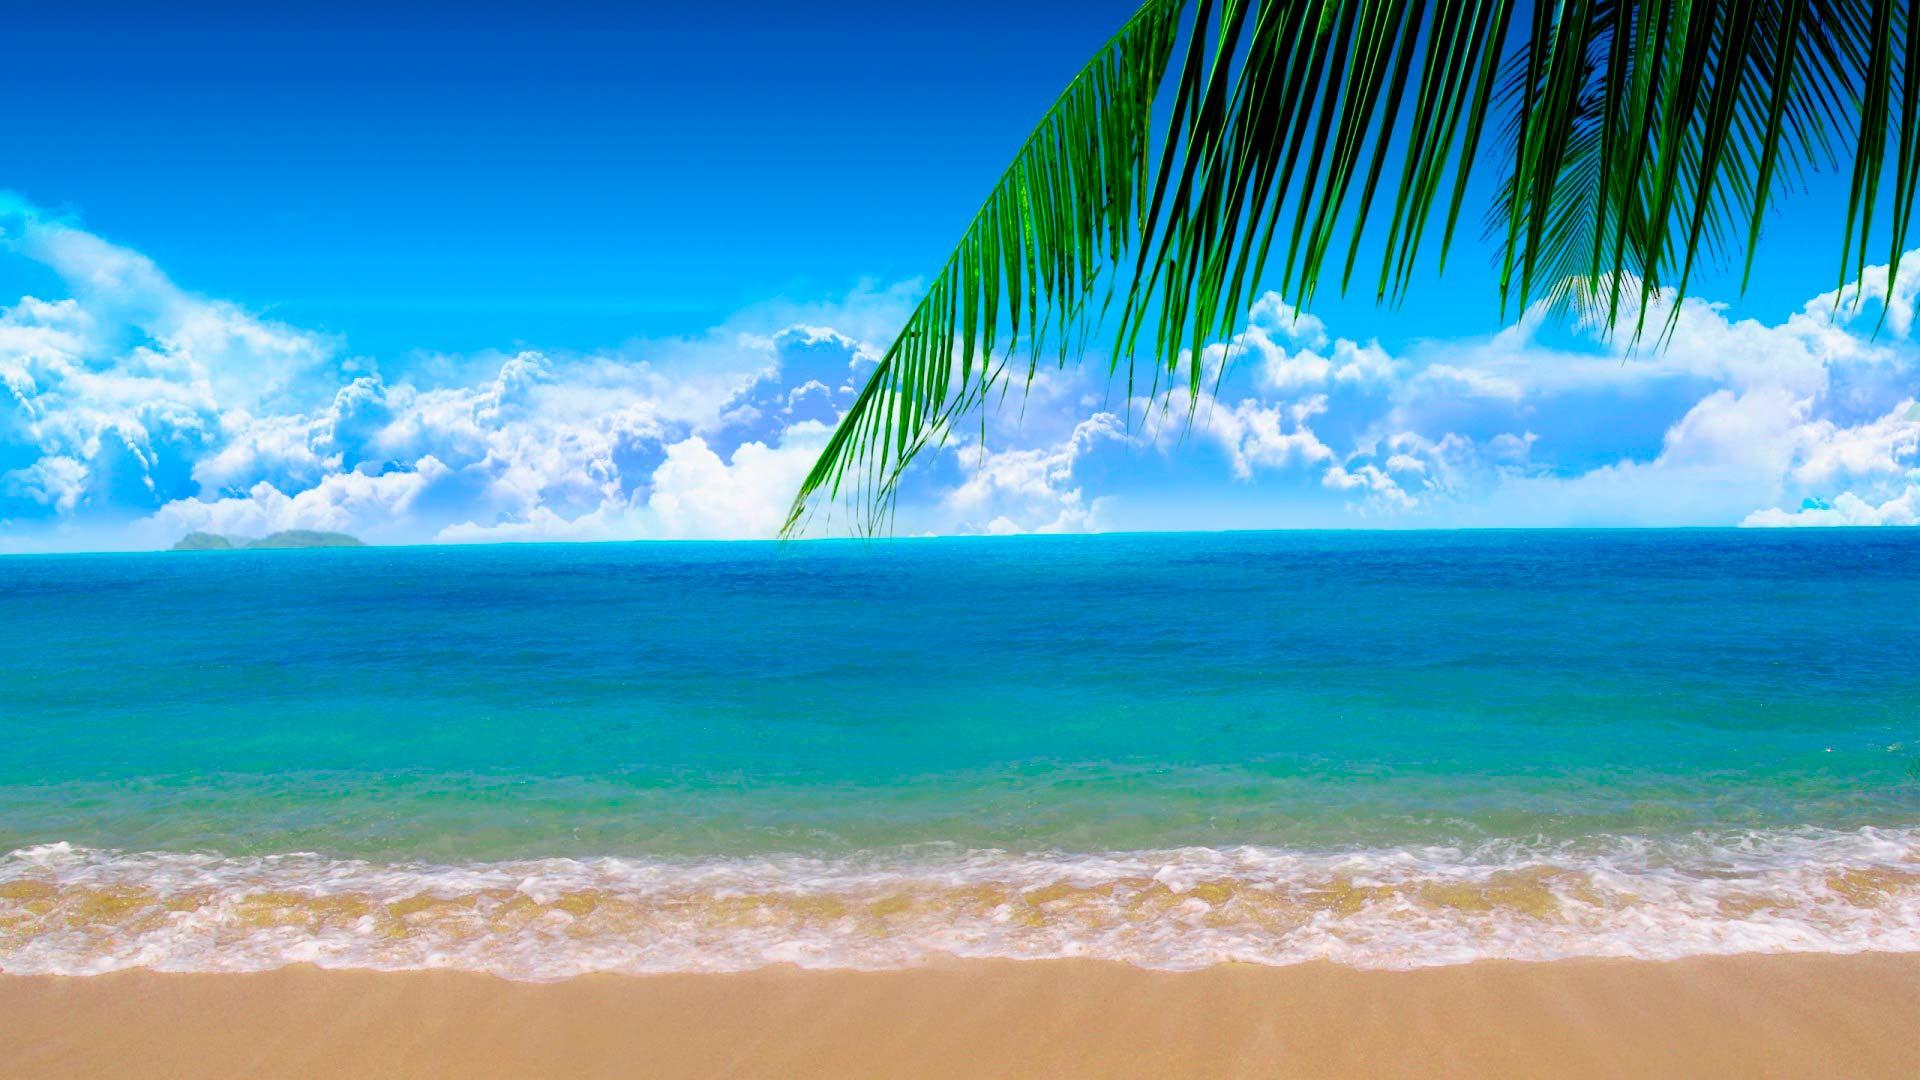 пальмы небо пляж подборки